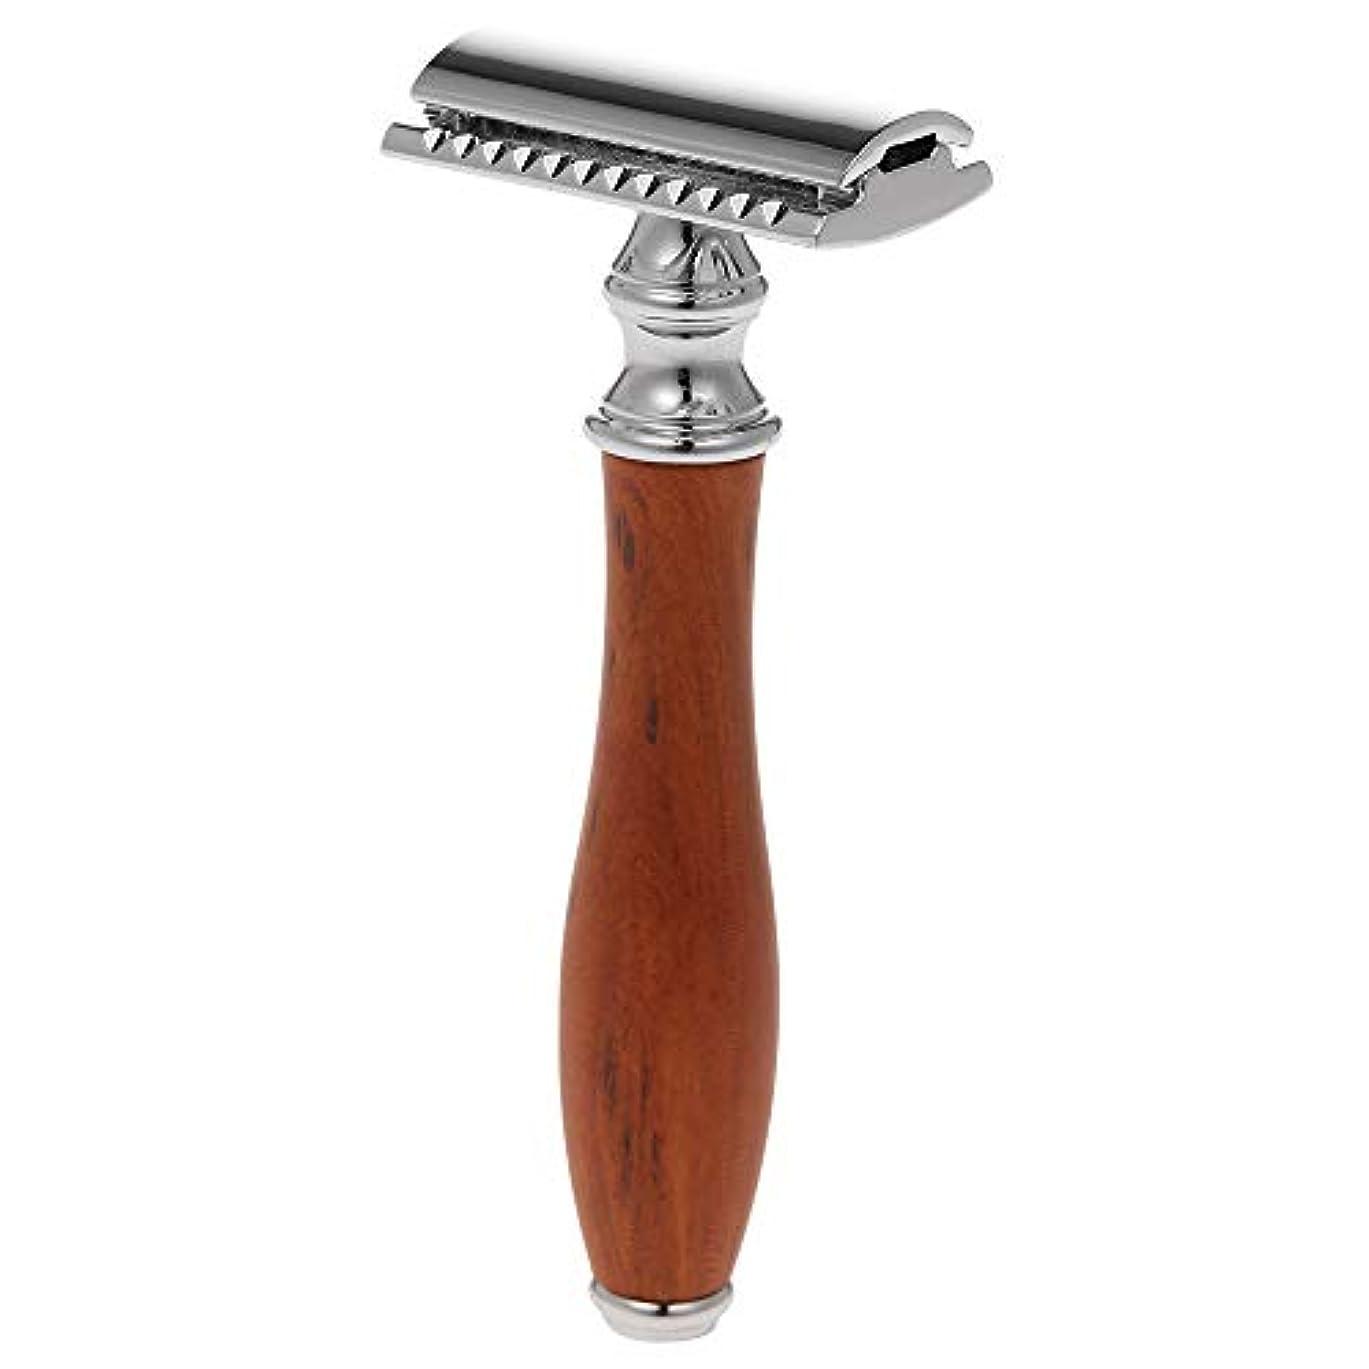 ラウンジあご辞任するDecdeal 剃毛かみそり 安全 かみそり 剃毛ツール 両刃 カミソリ